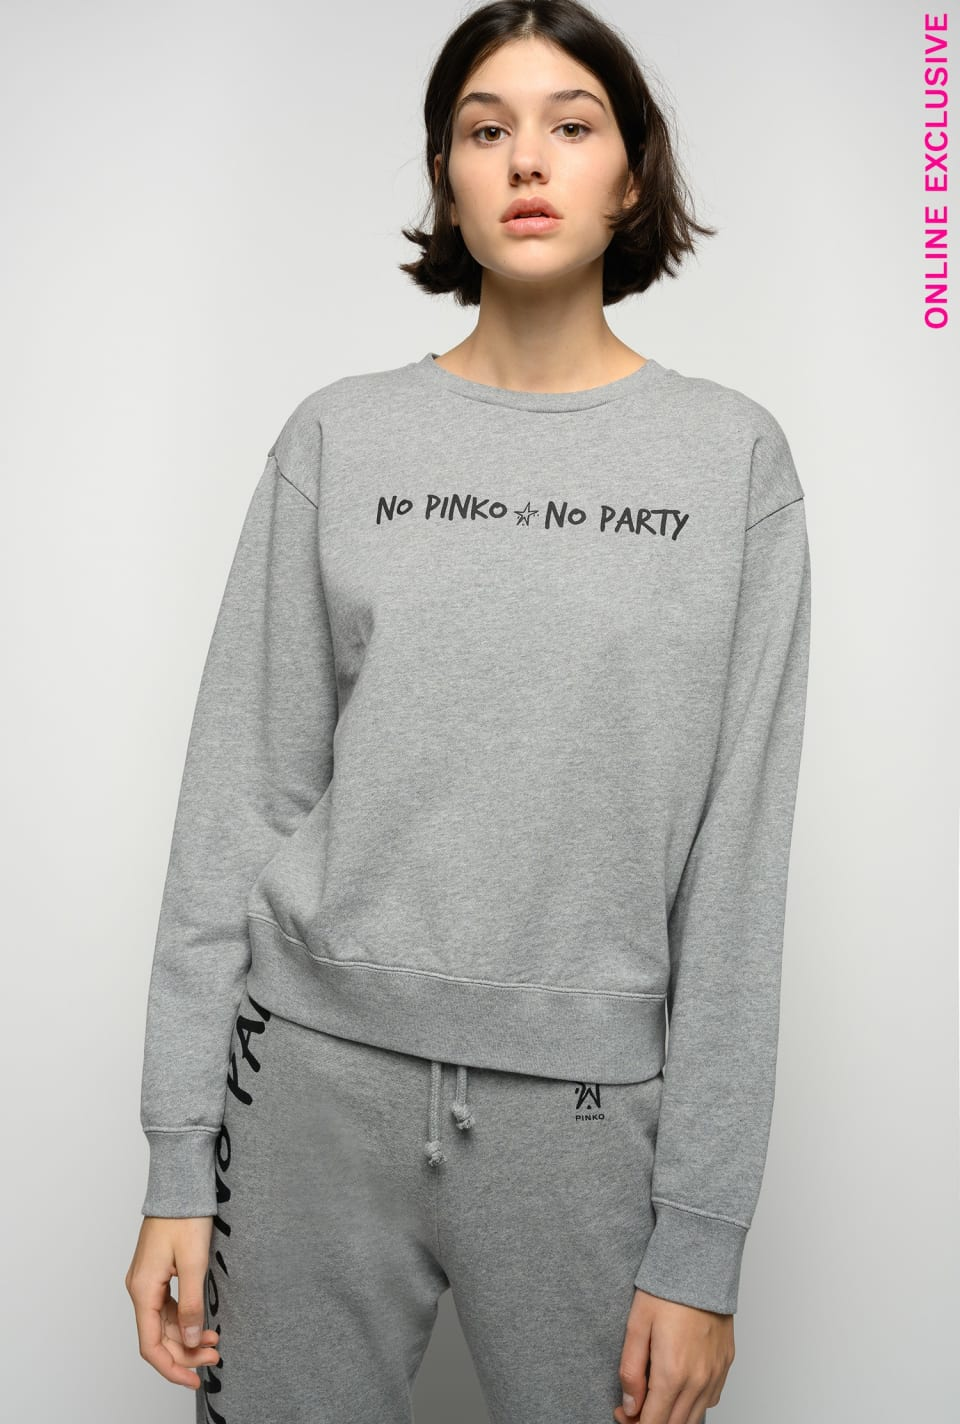 No Pinko No Party 卫衣 - Pinko